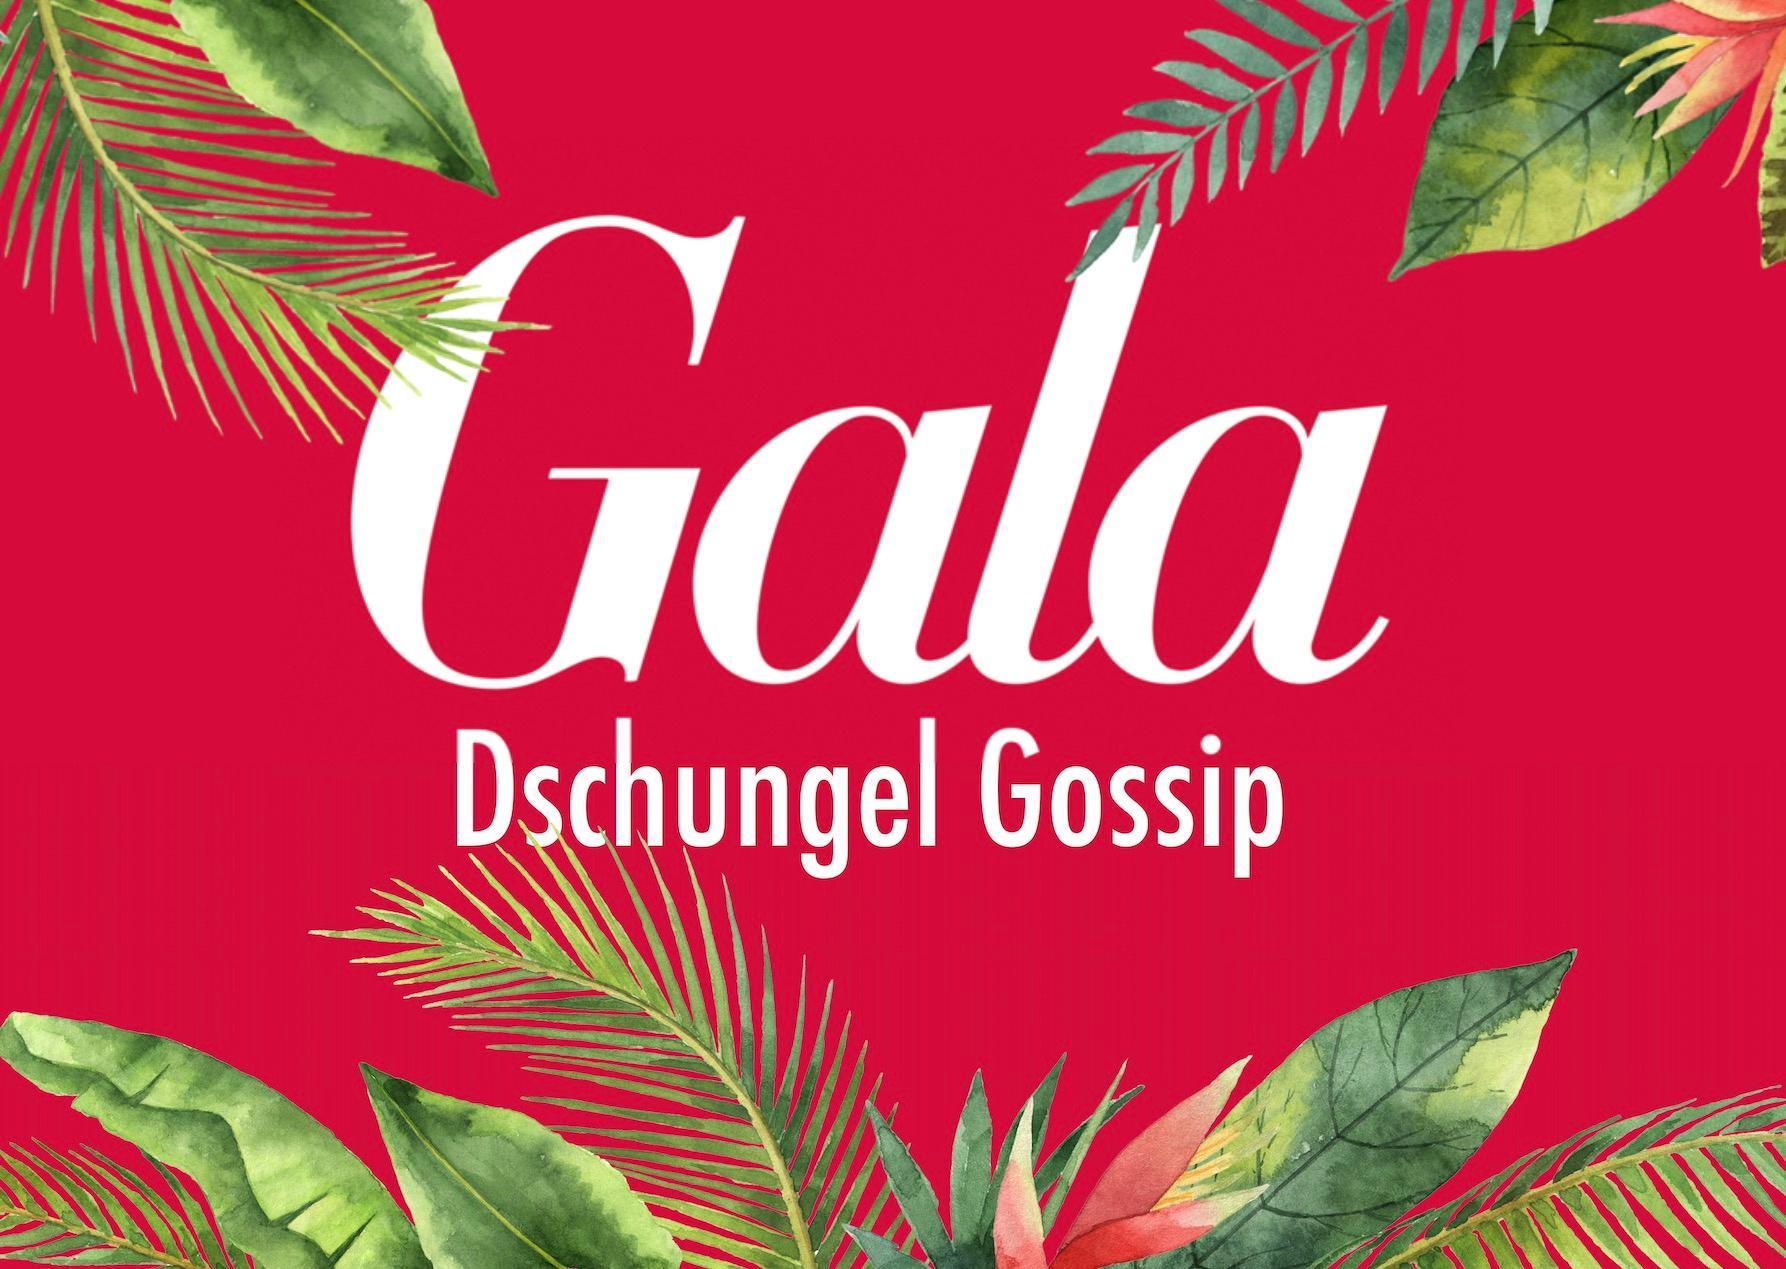 GALA Dschungel Gossip